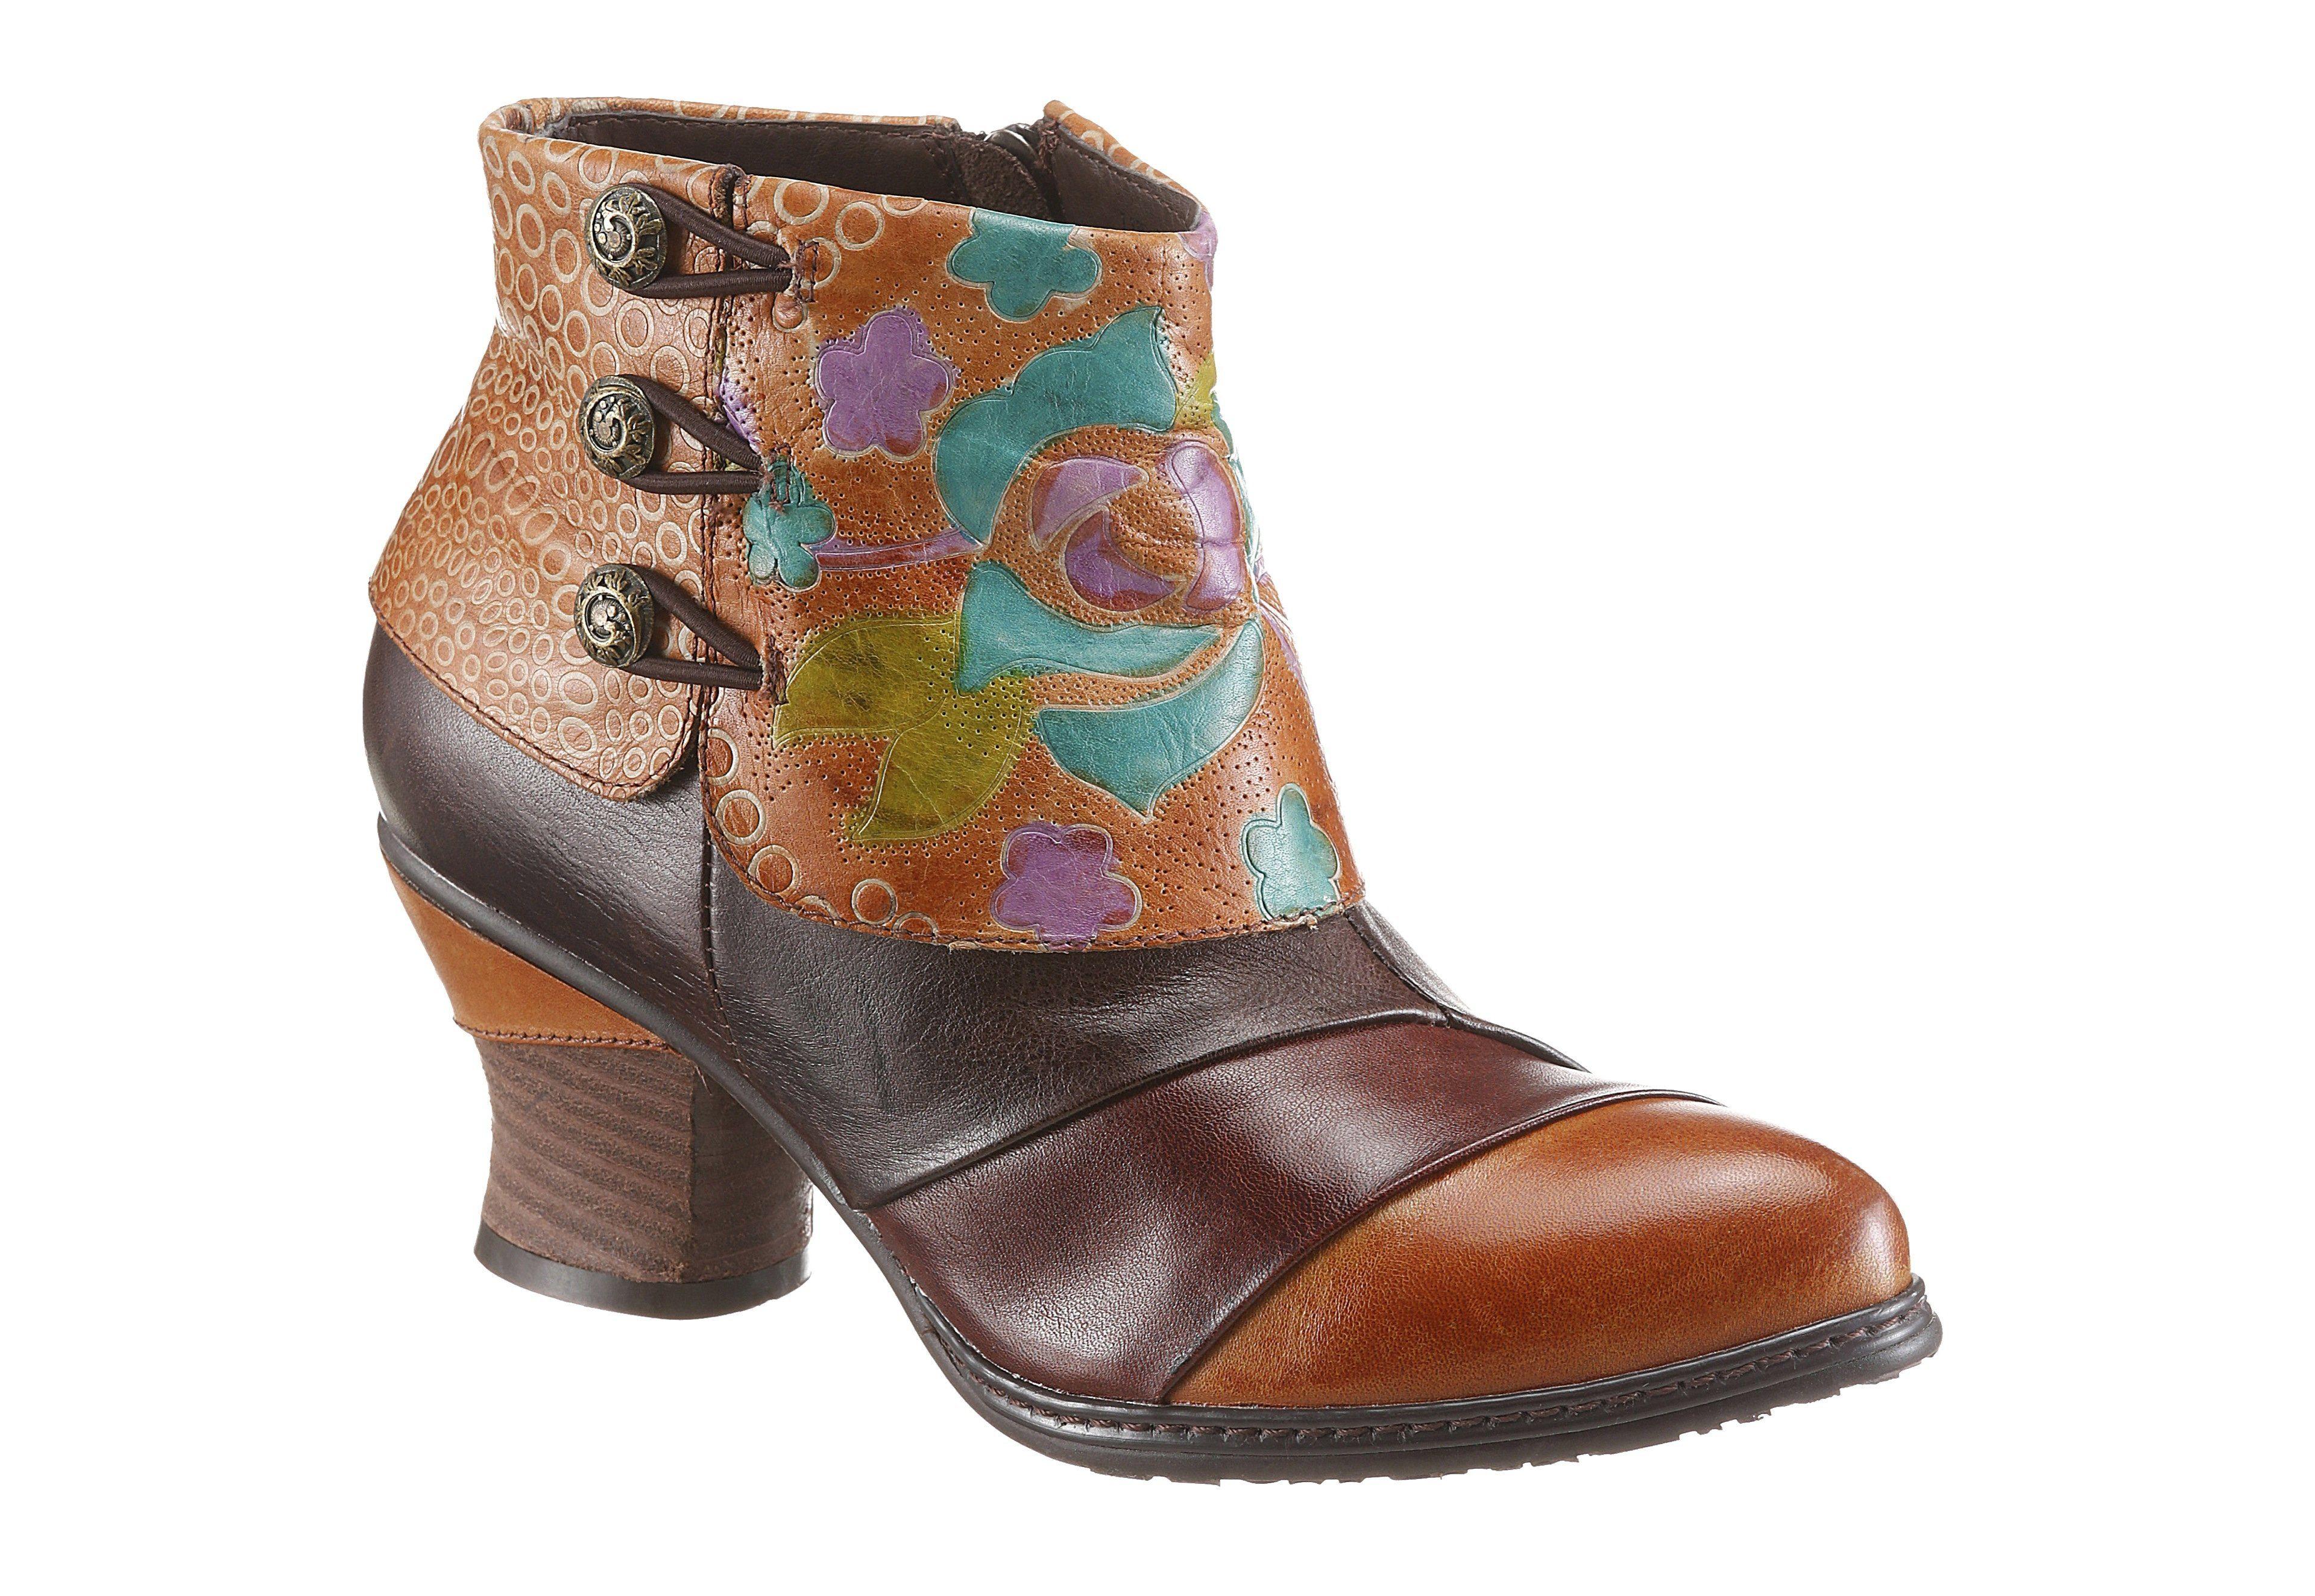 Stiefelette, im farbenfrohen Design, braun, EURO-Größen, braun-multi Laura Vita